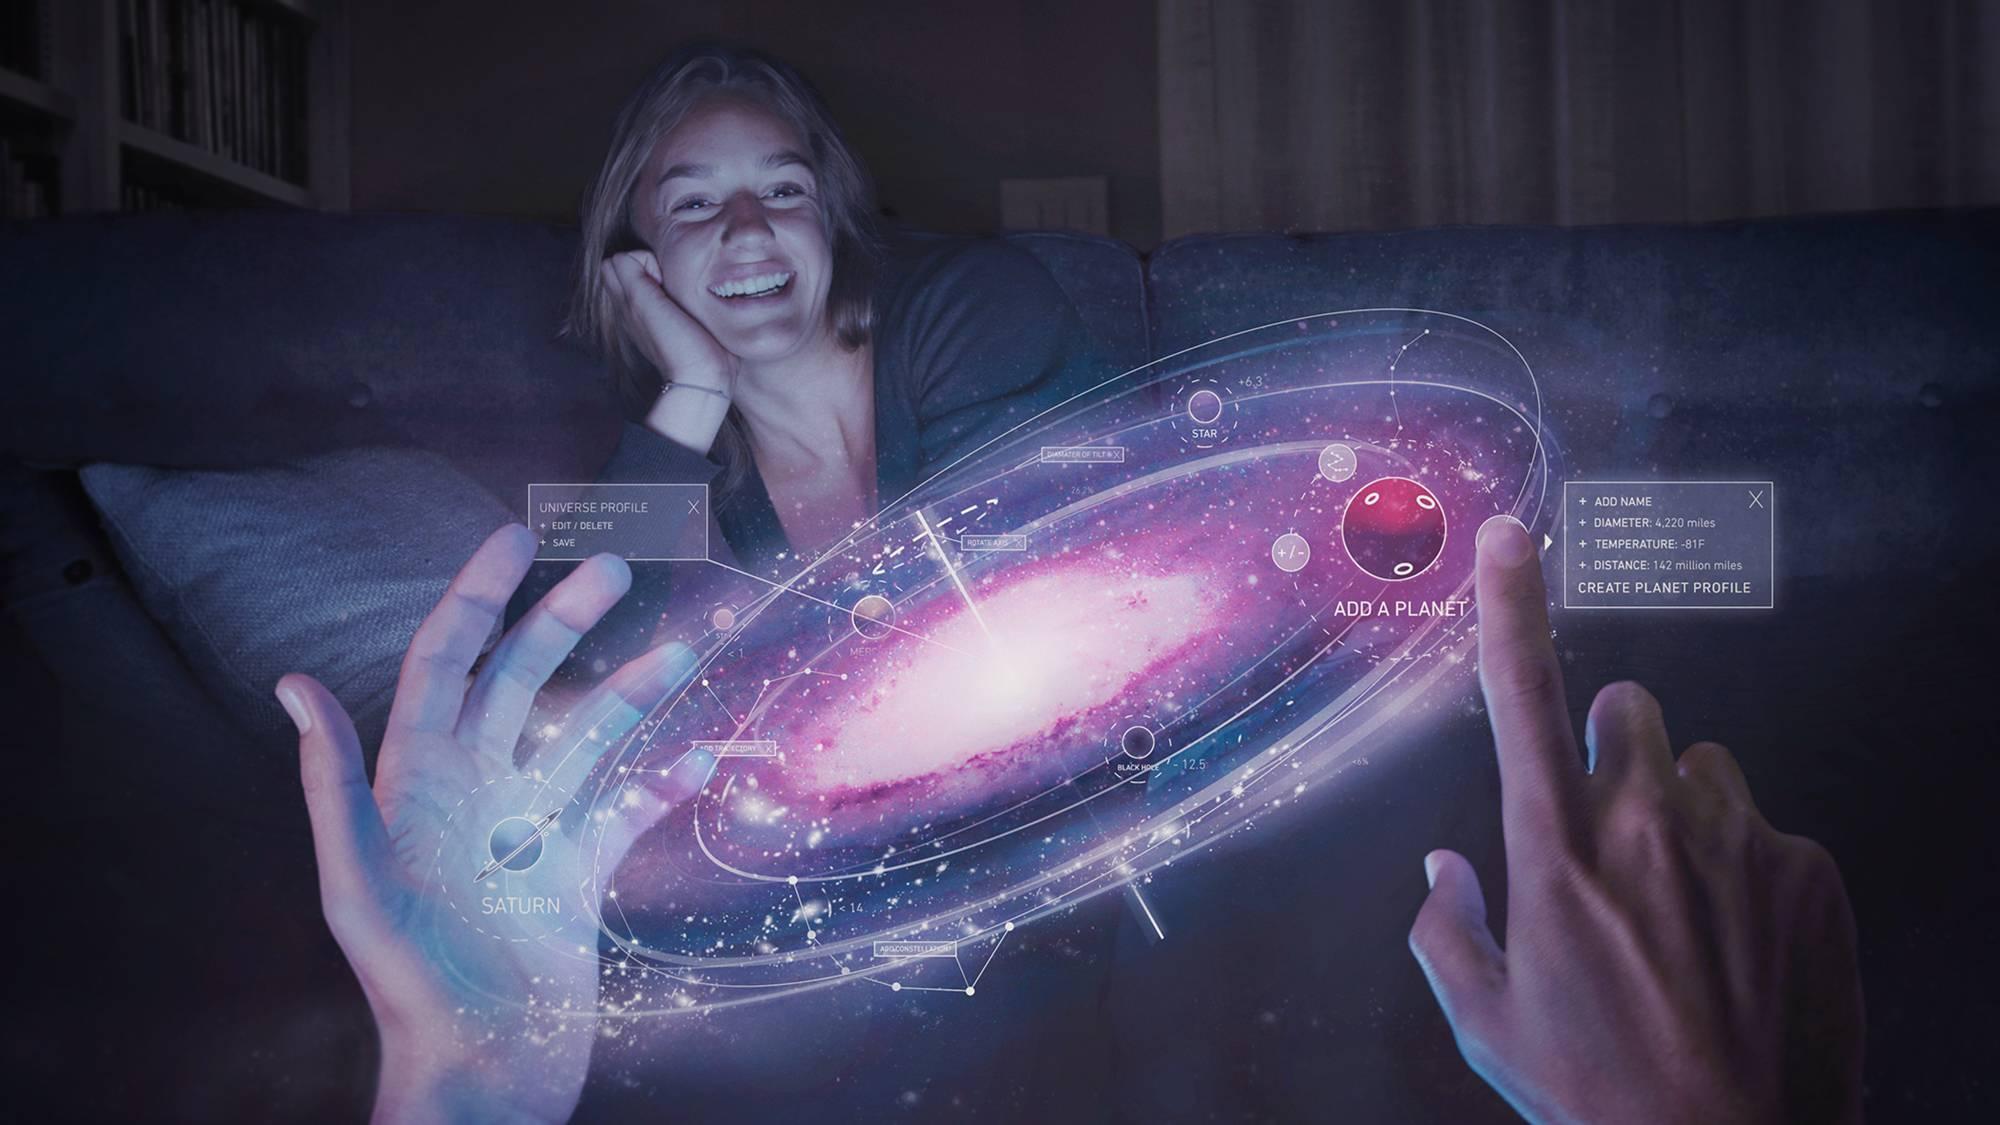 创造一个星系